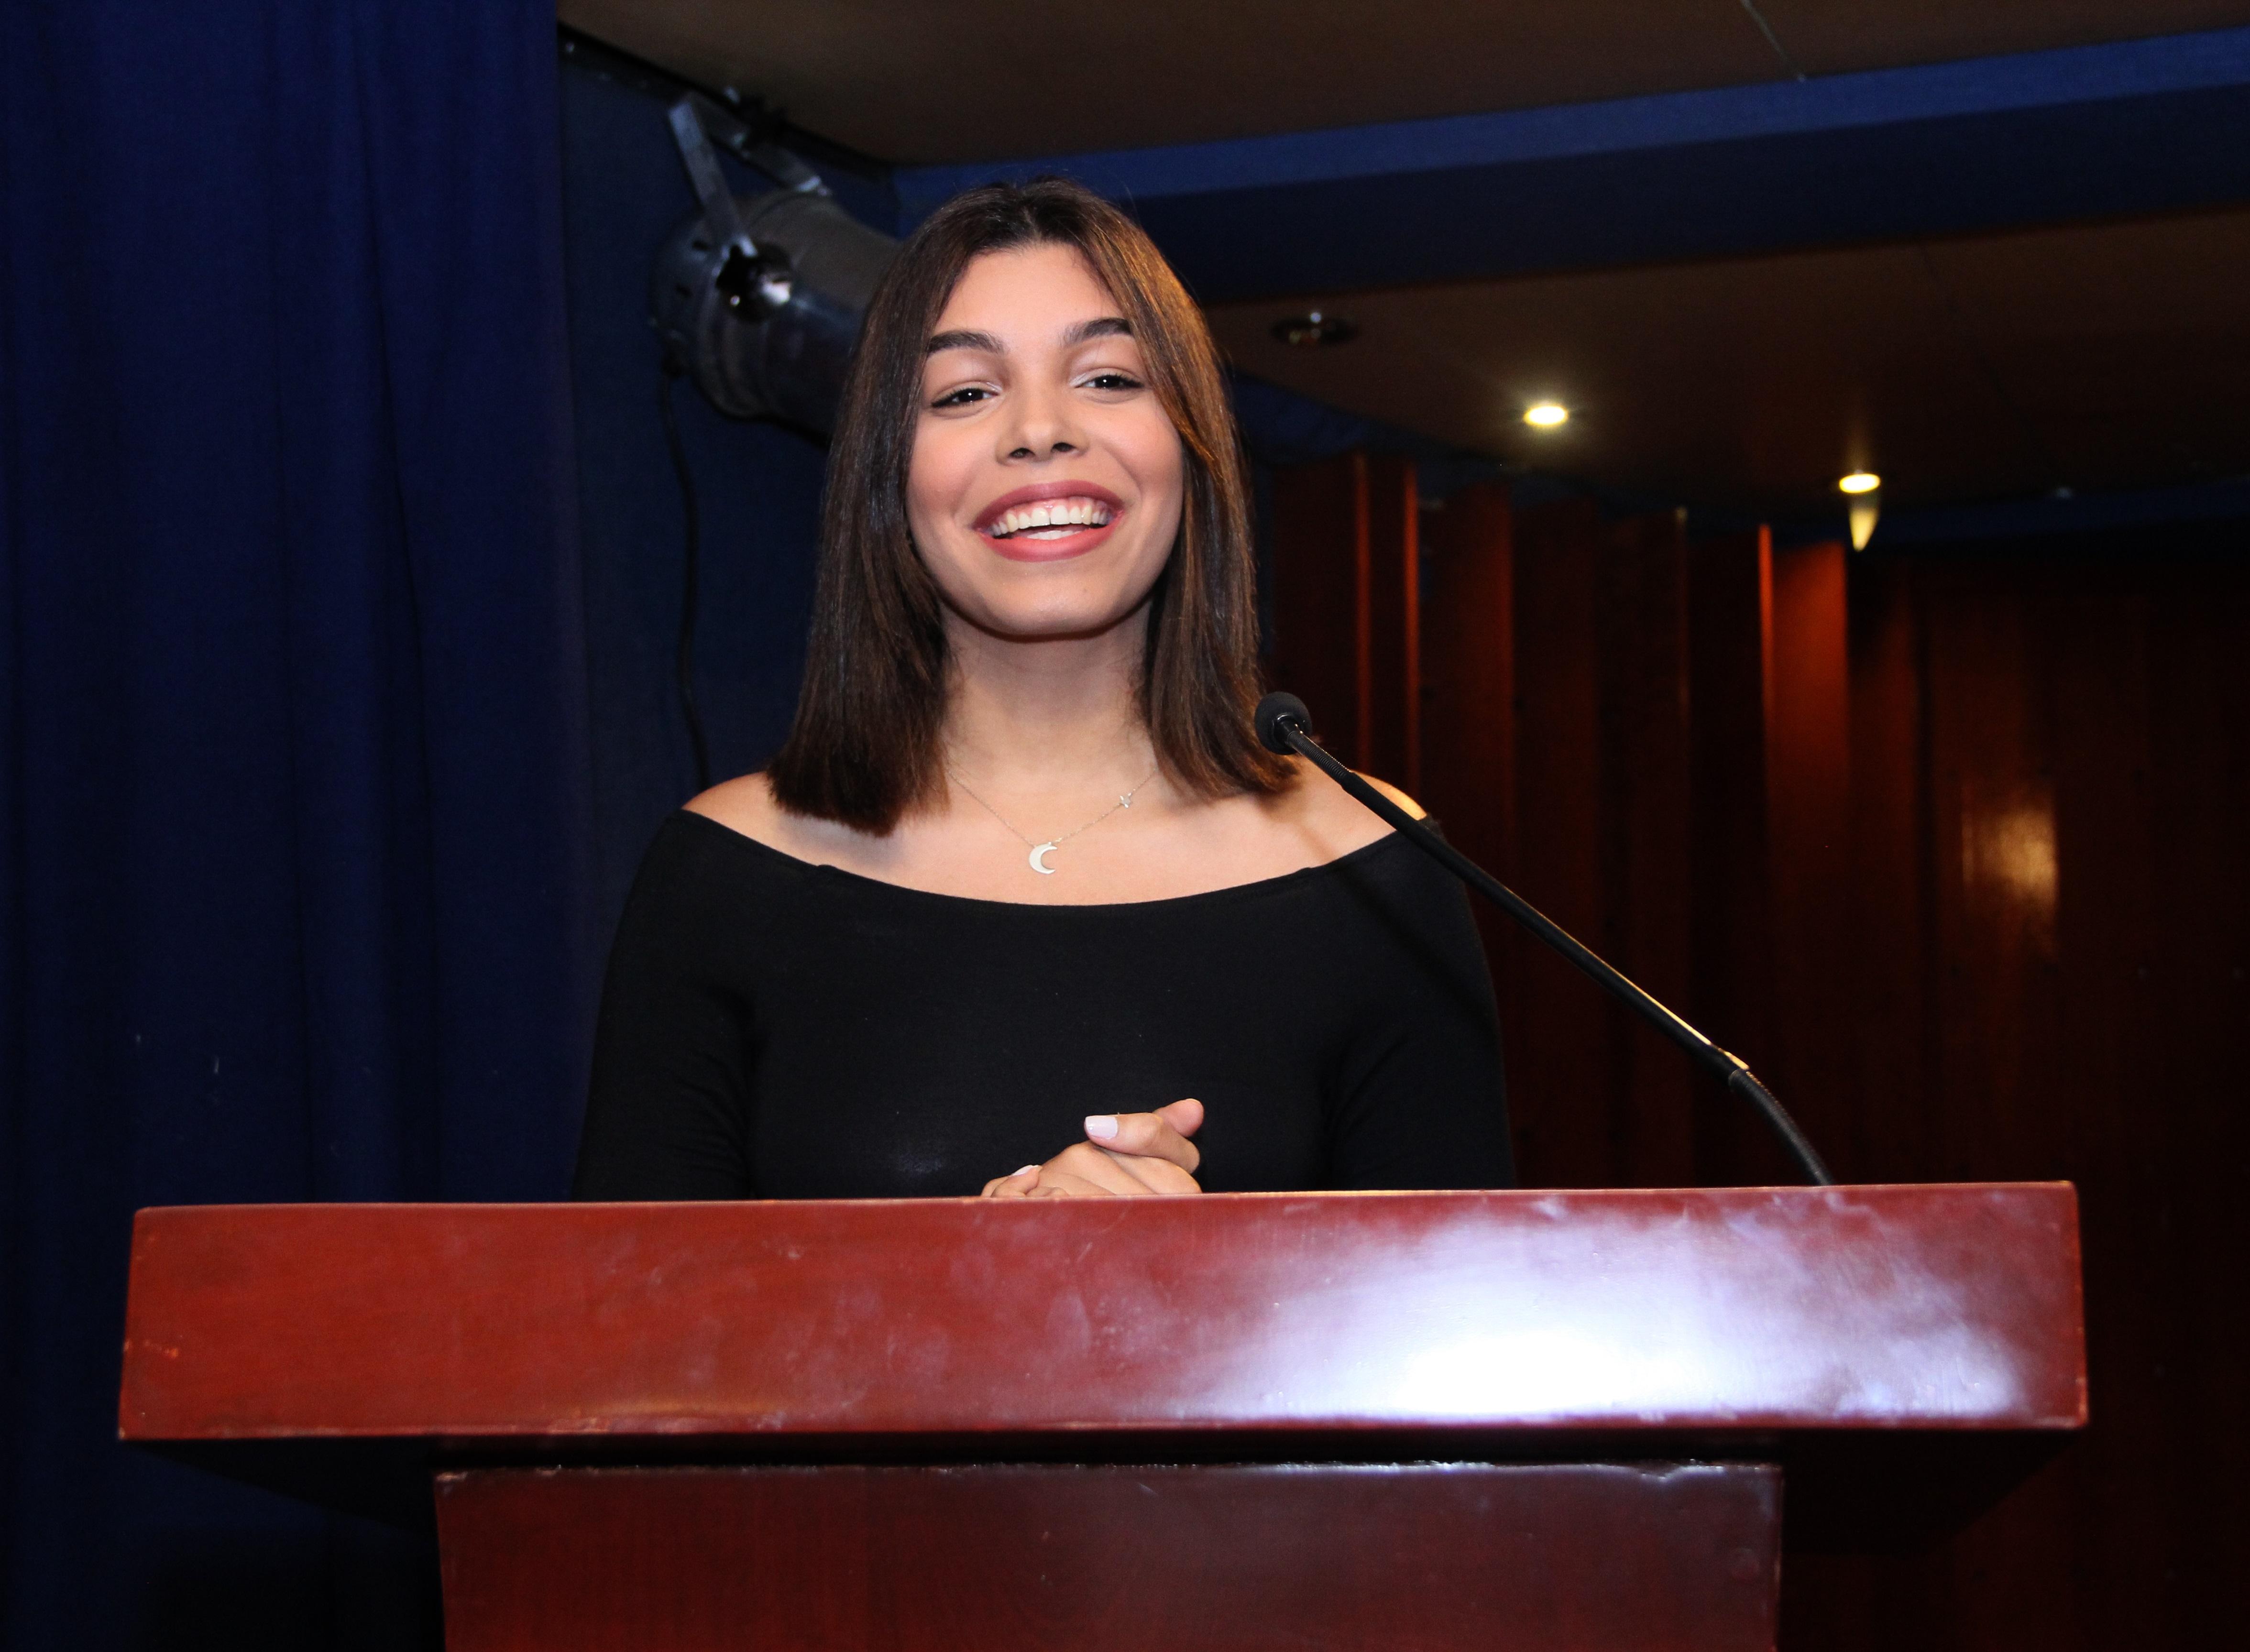 Sarah Méndez, Lic. en Comunicación Publicitaria y creadora de Agallúa compartió su experiencia como instagramer y en el posicionamiento de su marca personal.